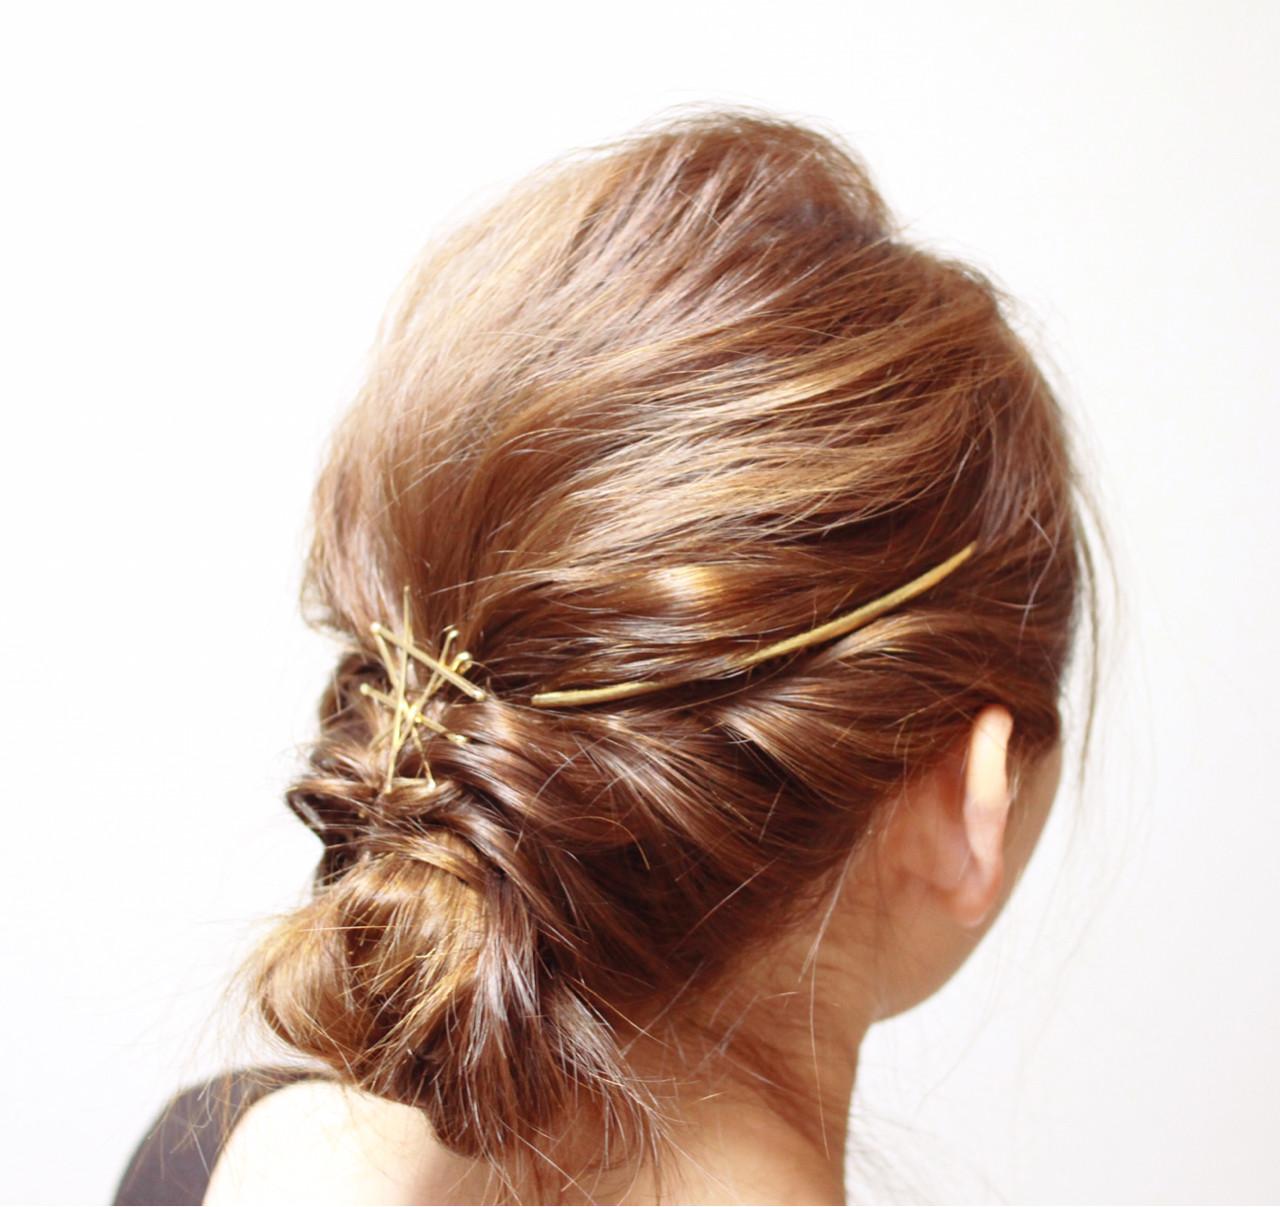 セミロング 外国人風 大人かわいい ロープ編みヘアスタイルや髪型の写真・画像